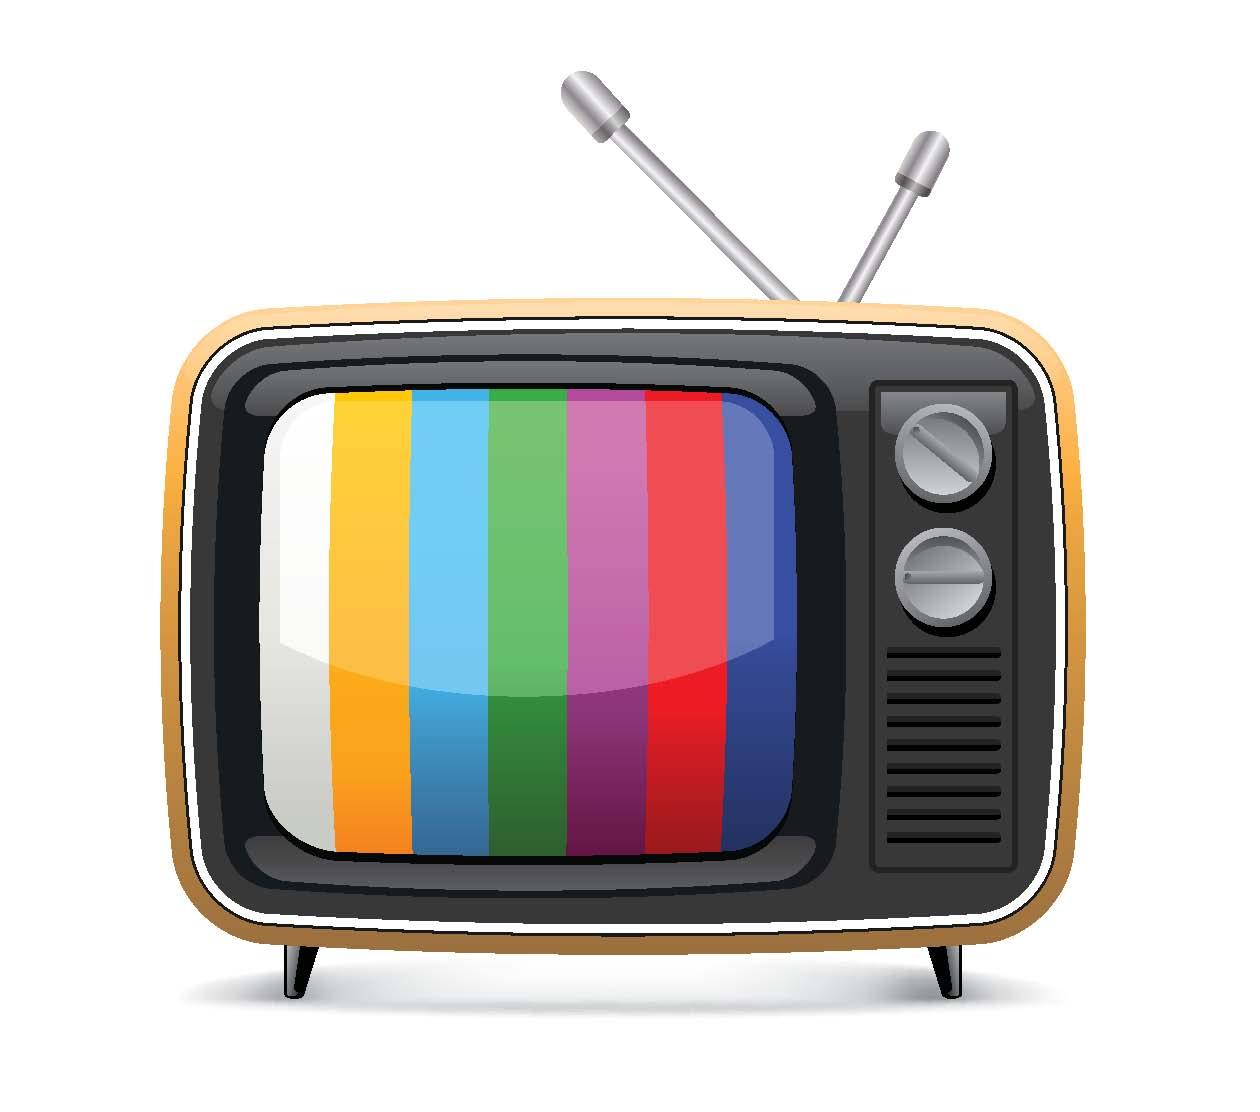 КарманТВ — лучшее мобильное телевидение